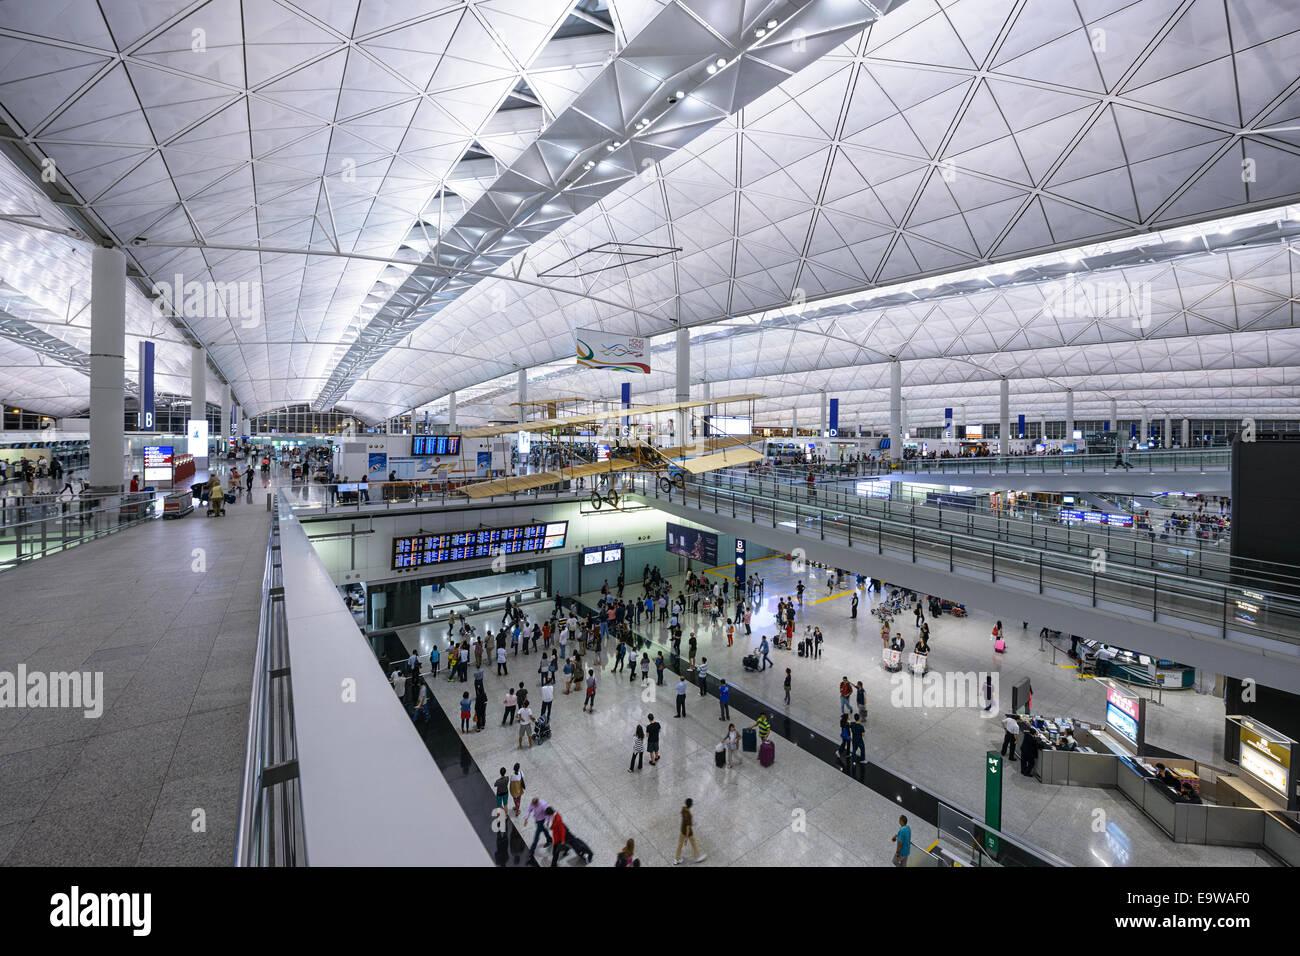 Entrance at Hong Kong International Airport. - Stock Image